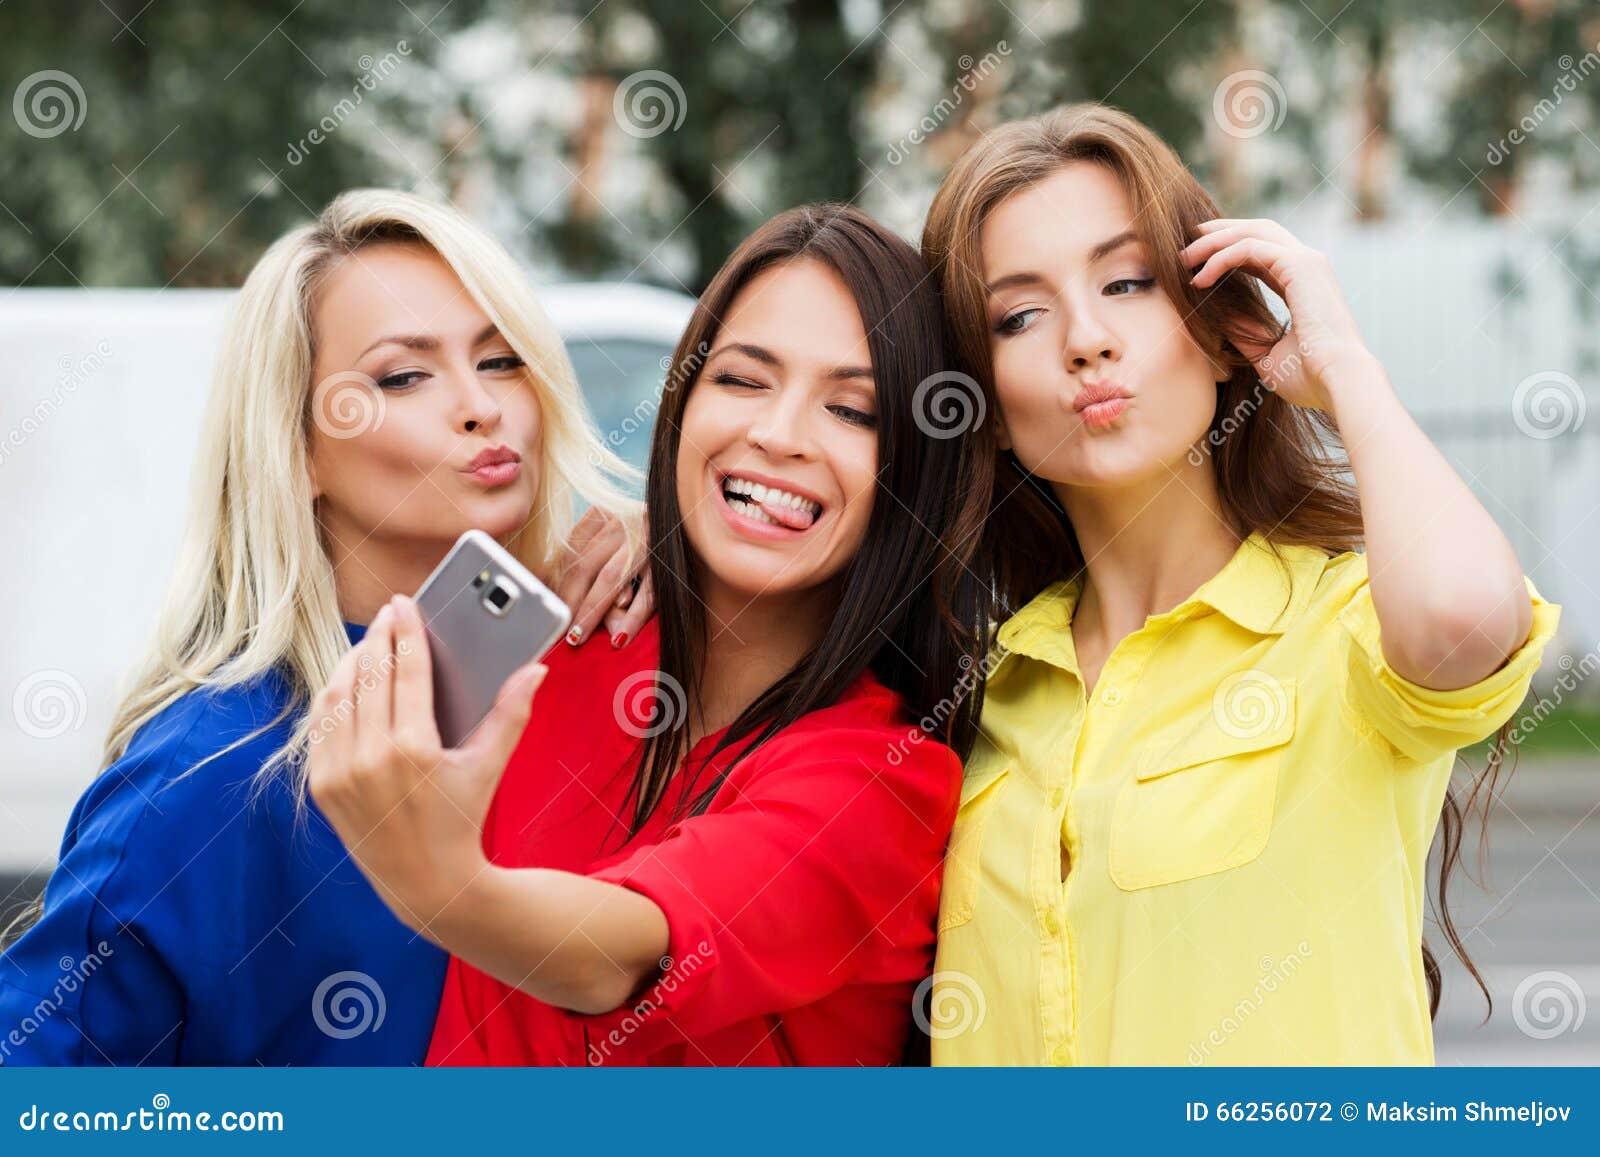 做鬼脸三个美丽的少妇摆在和